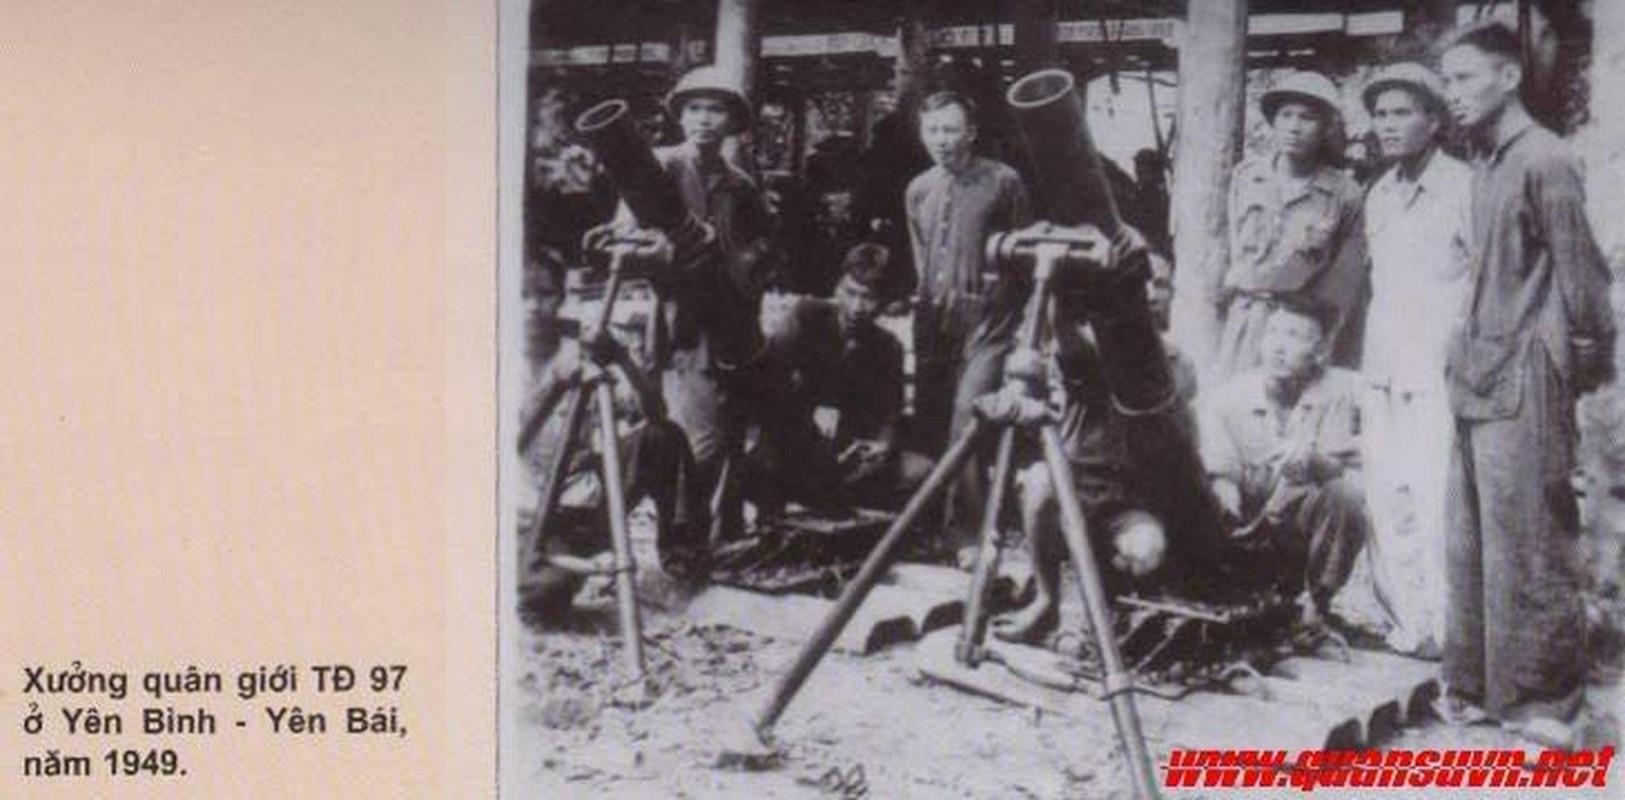 Nhung loai sung coi Viet Minh su dung trong Khang chien chong Phap-Hinh-4